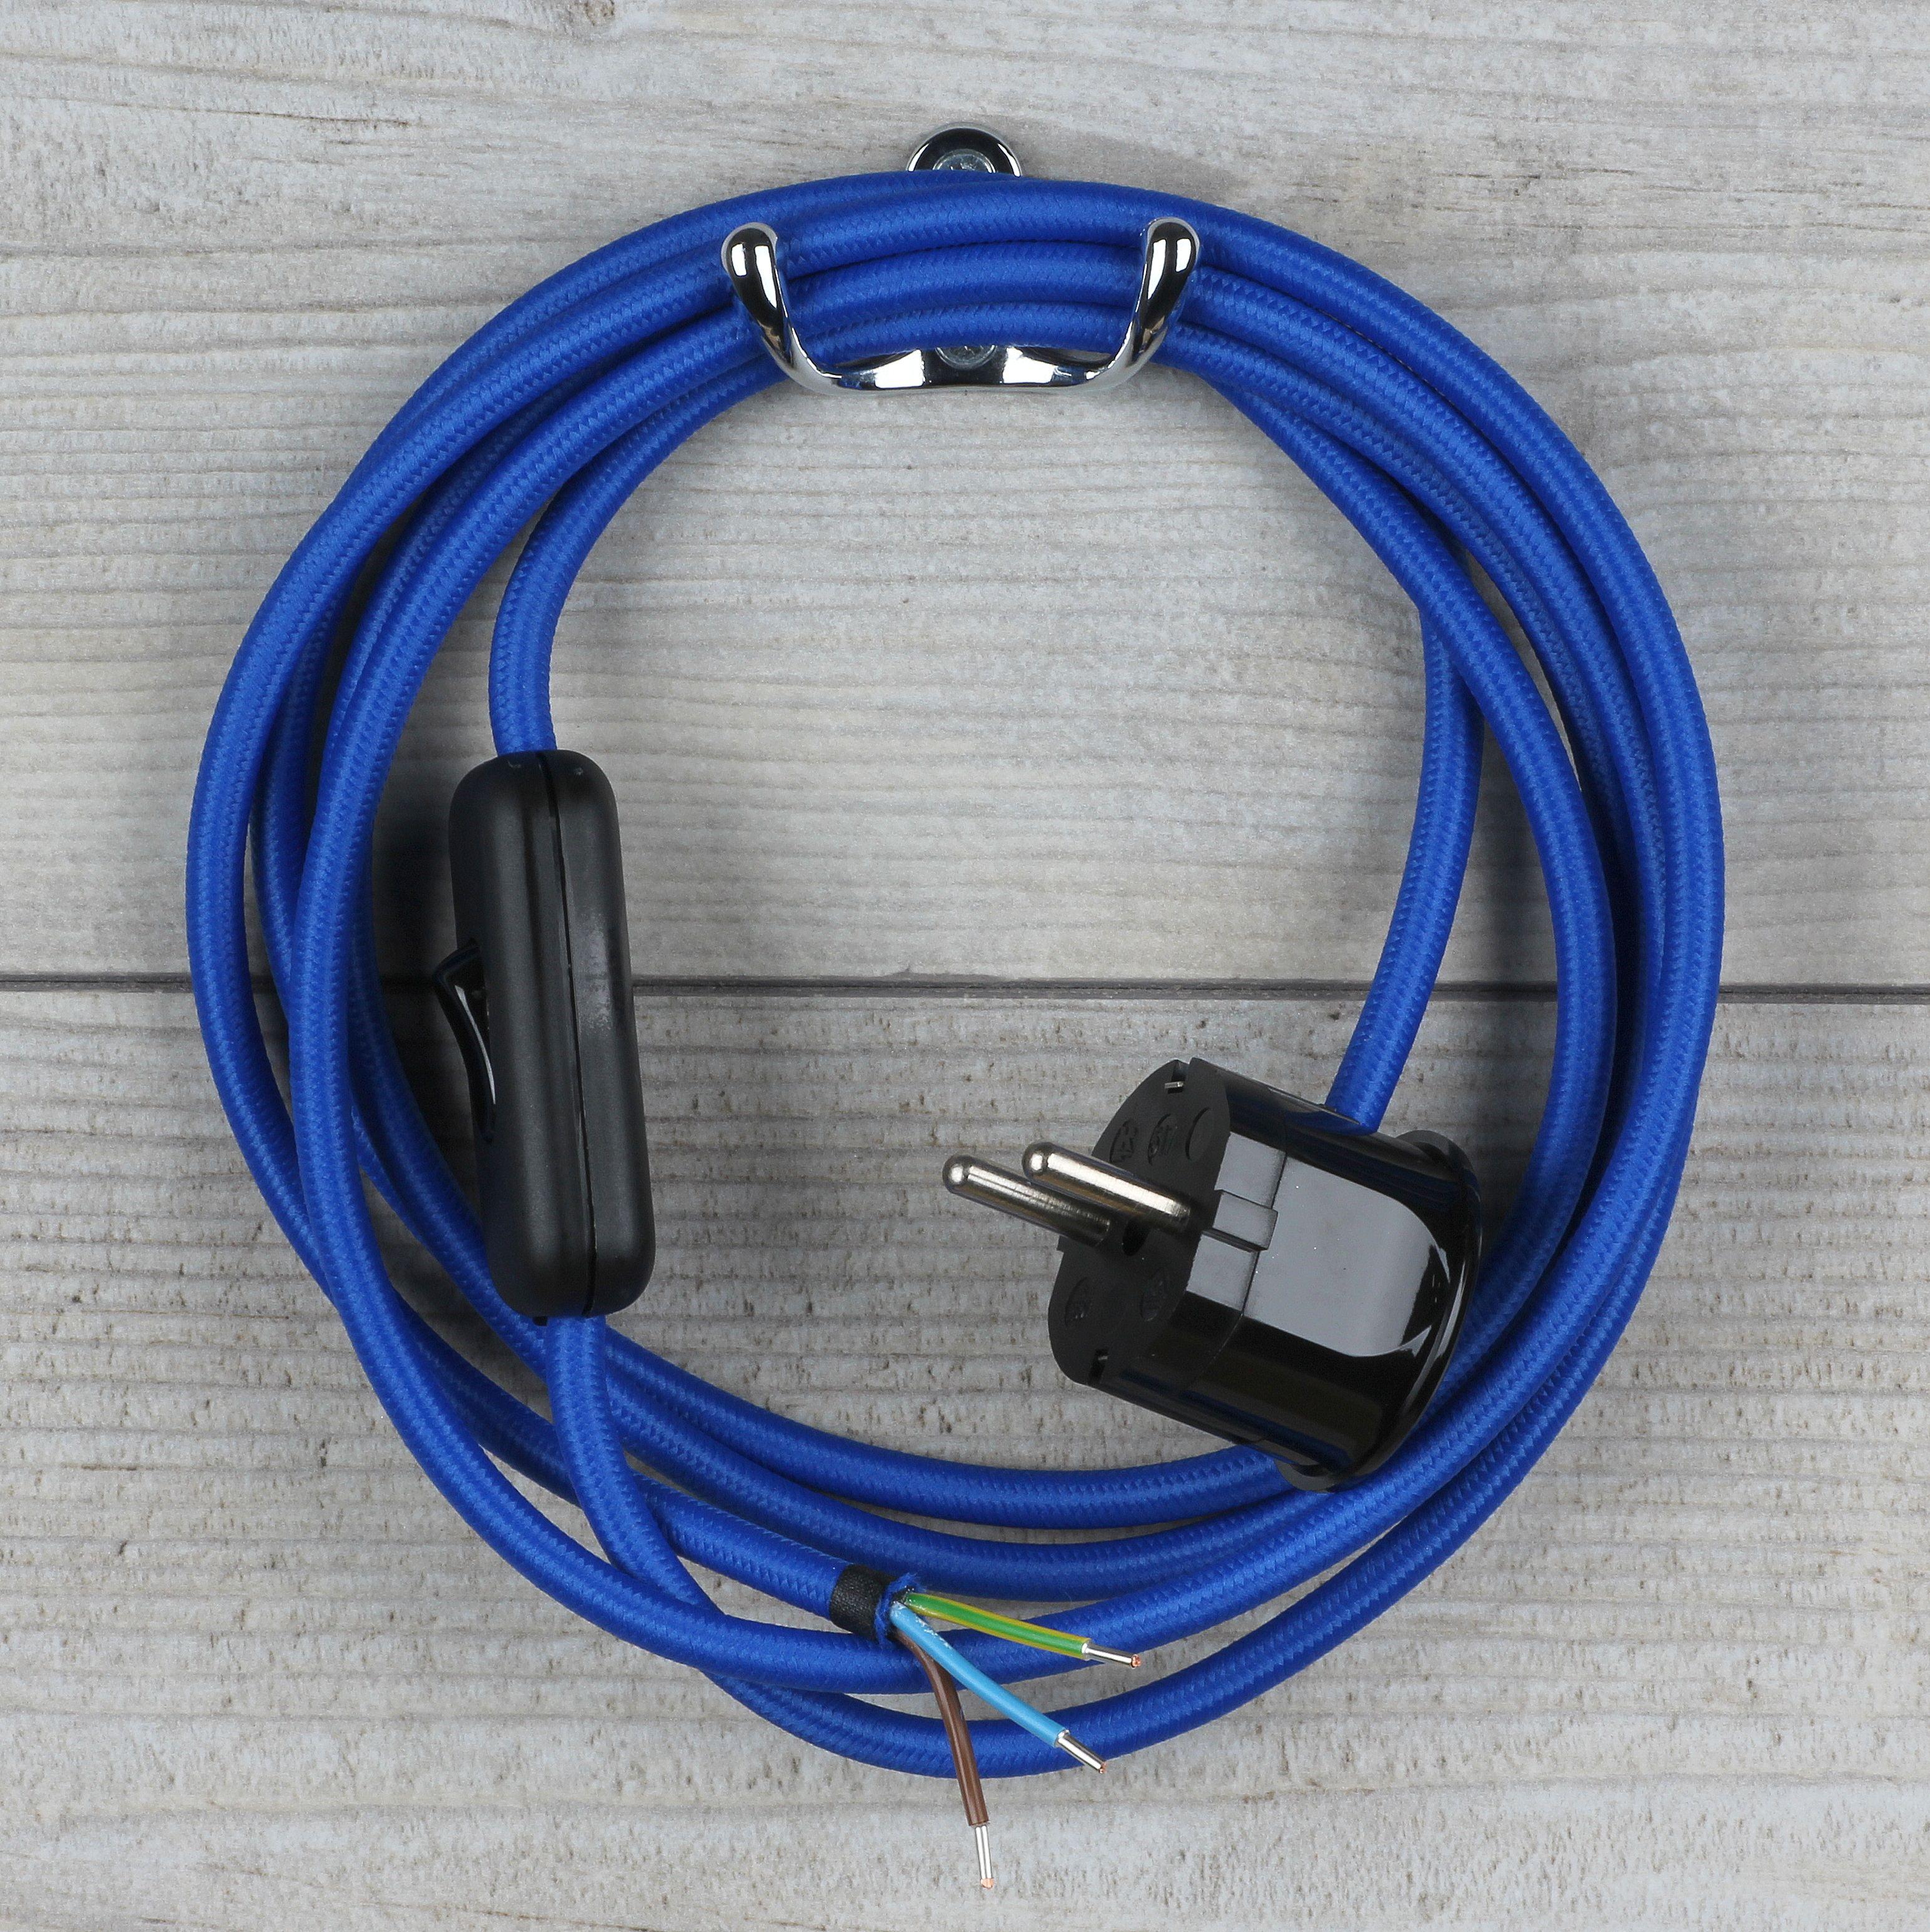 Textilkabel Dunkel Blau Mit Schalter U Schutzkontakt Stecker 22 37 A Textilkabel Kabel Stecker